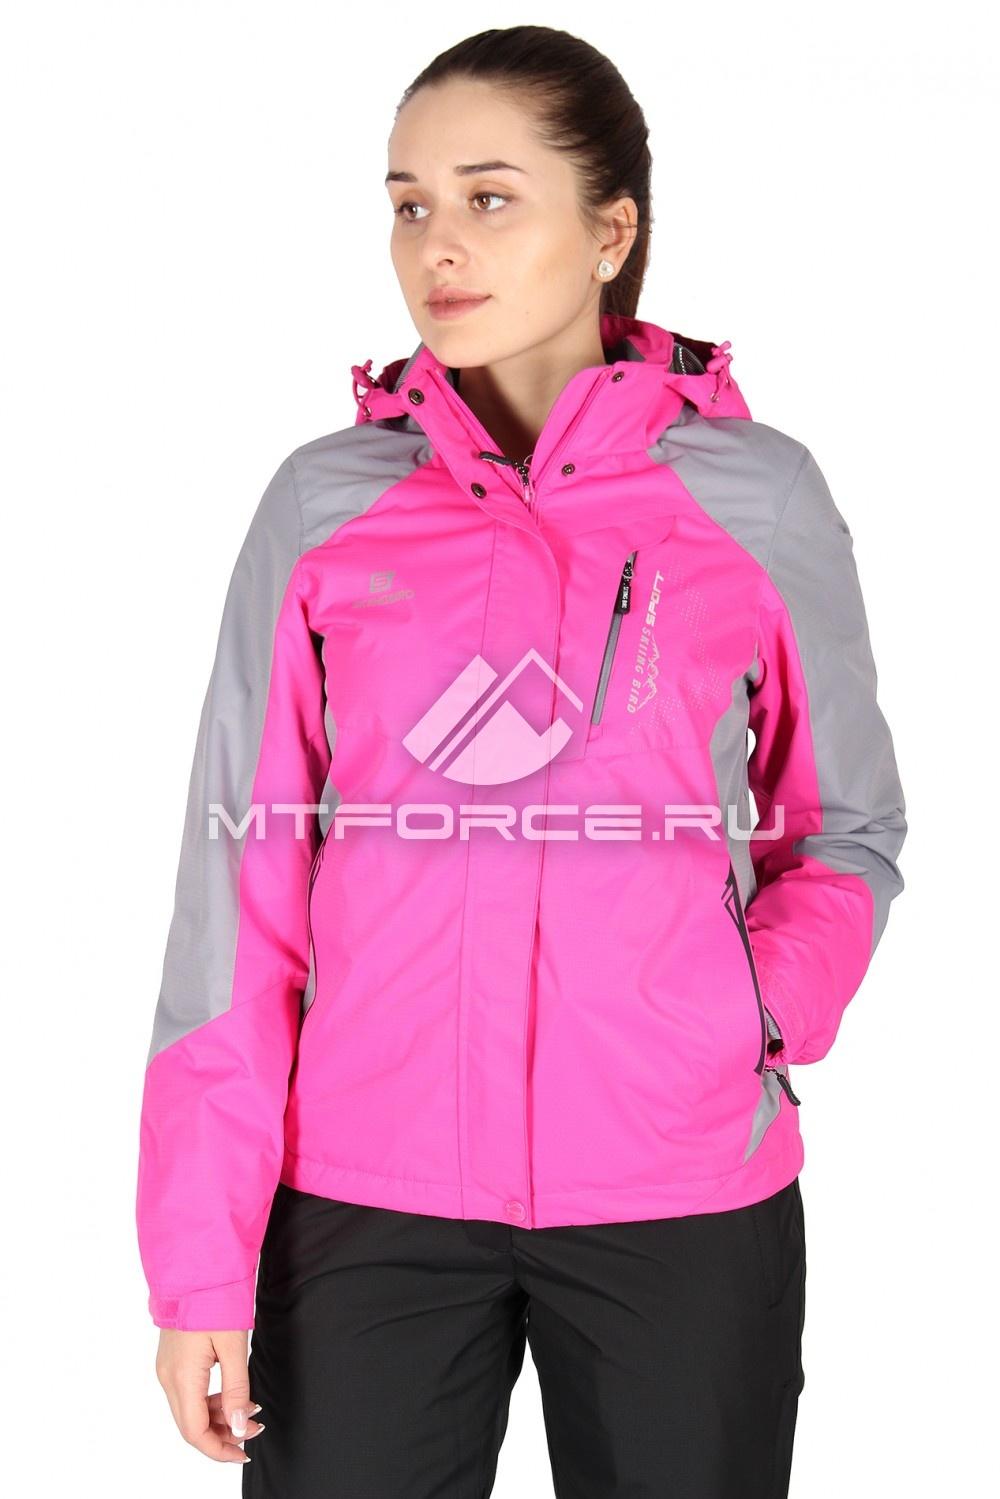 Купить                                  оптом Куртка женская весна розового цвета 1612R